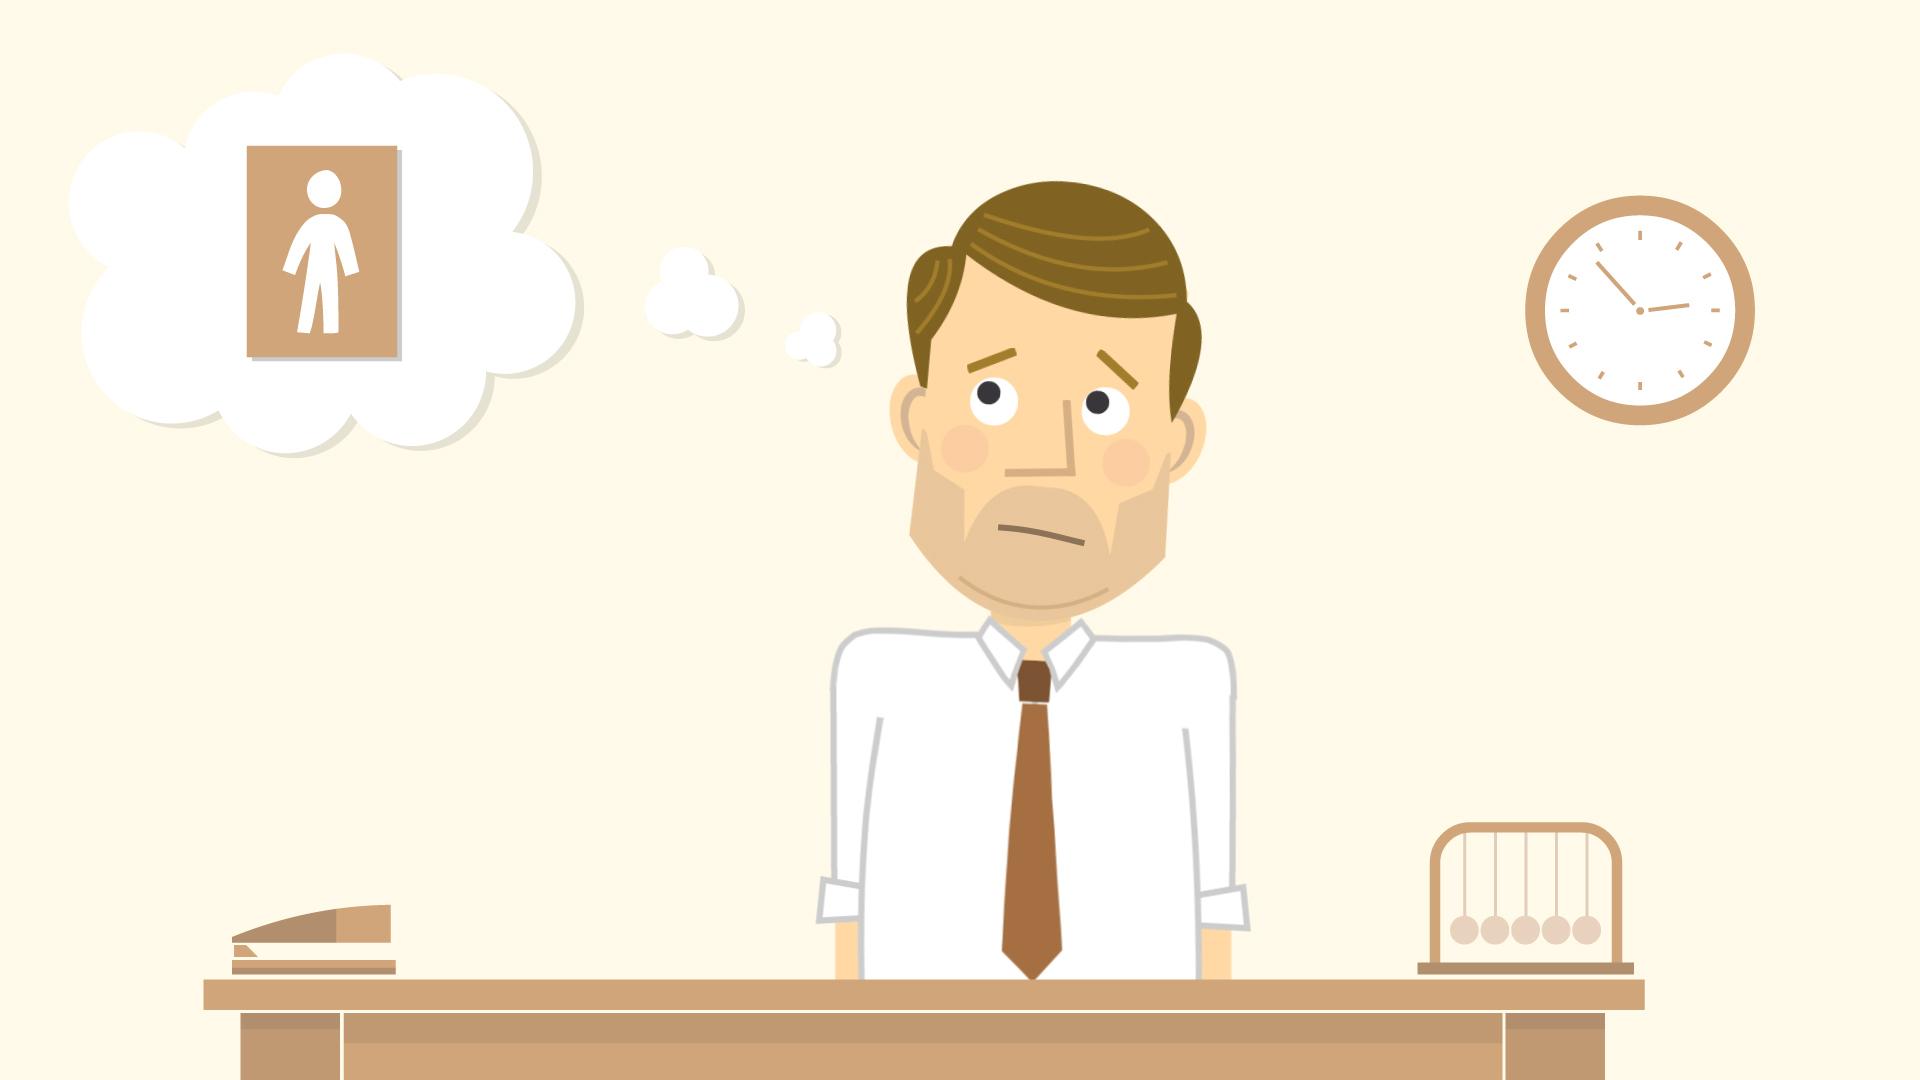 eternal-being-clients-office-worker-toilet-worries.jpg